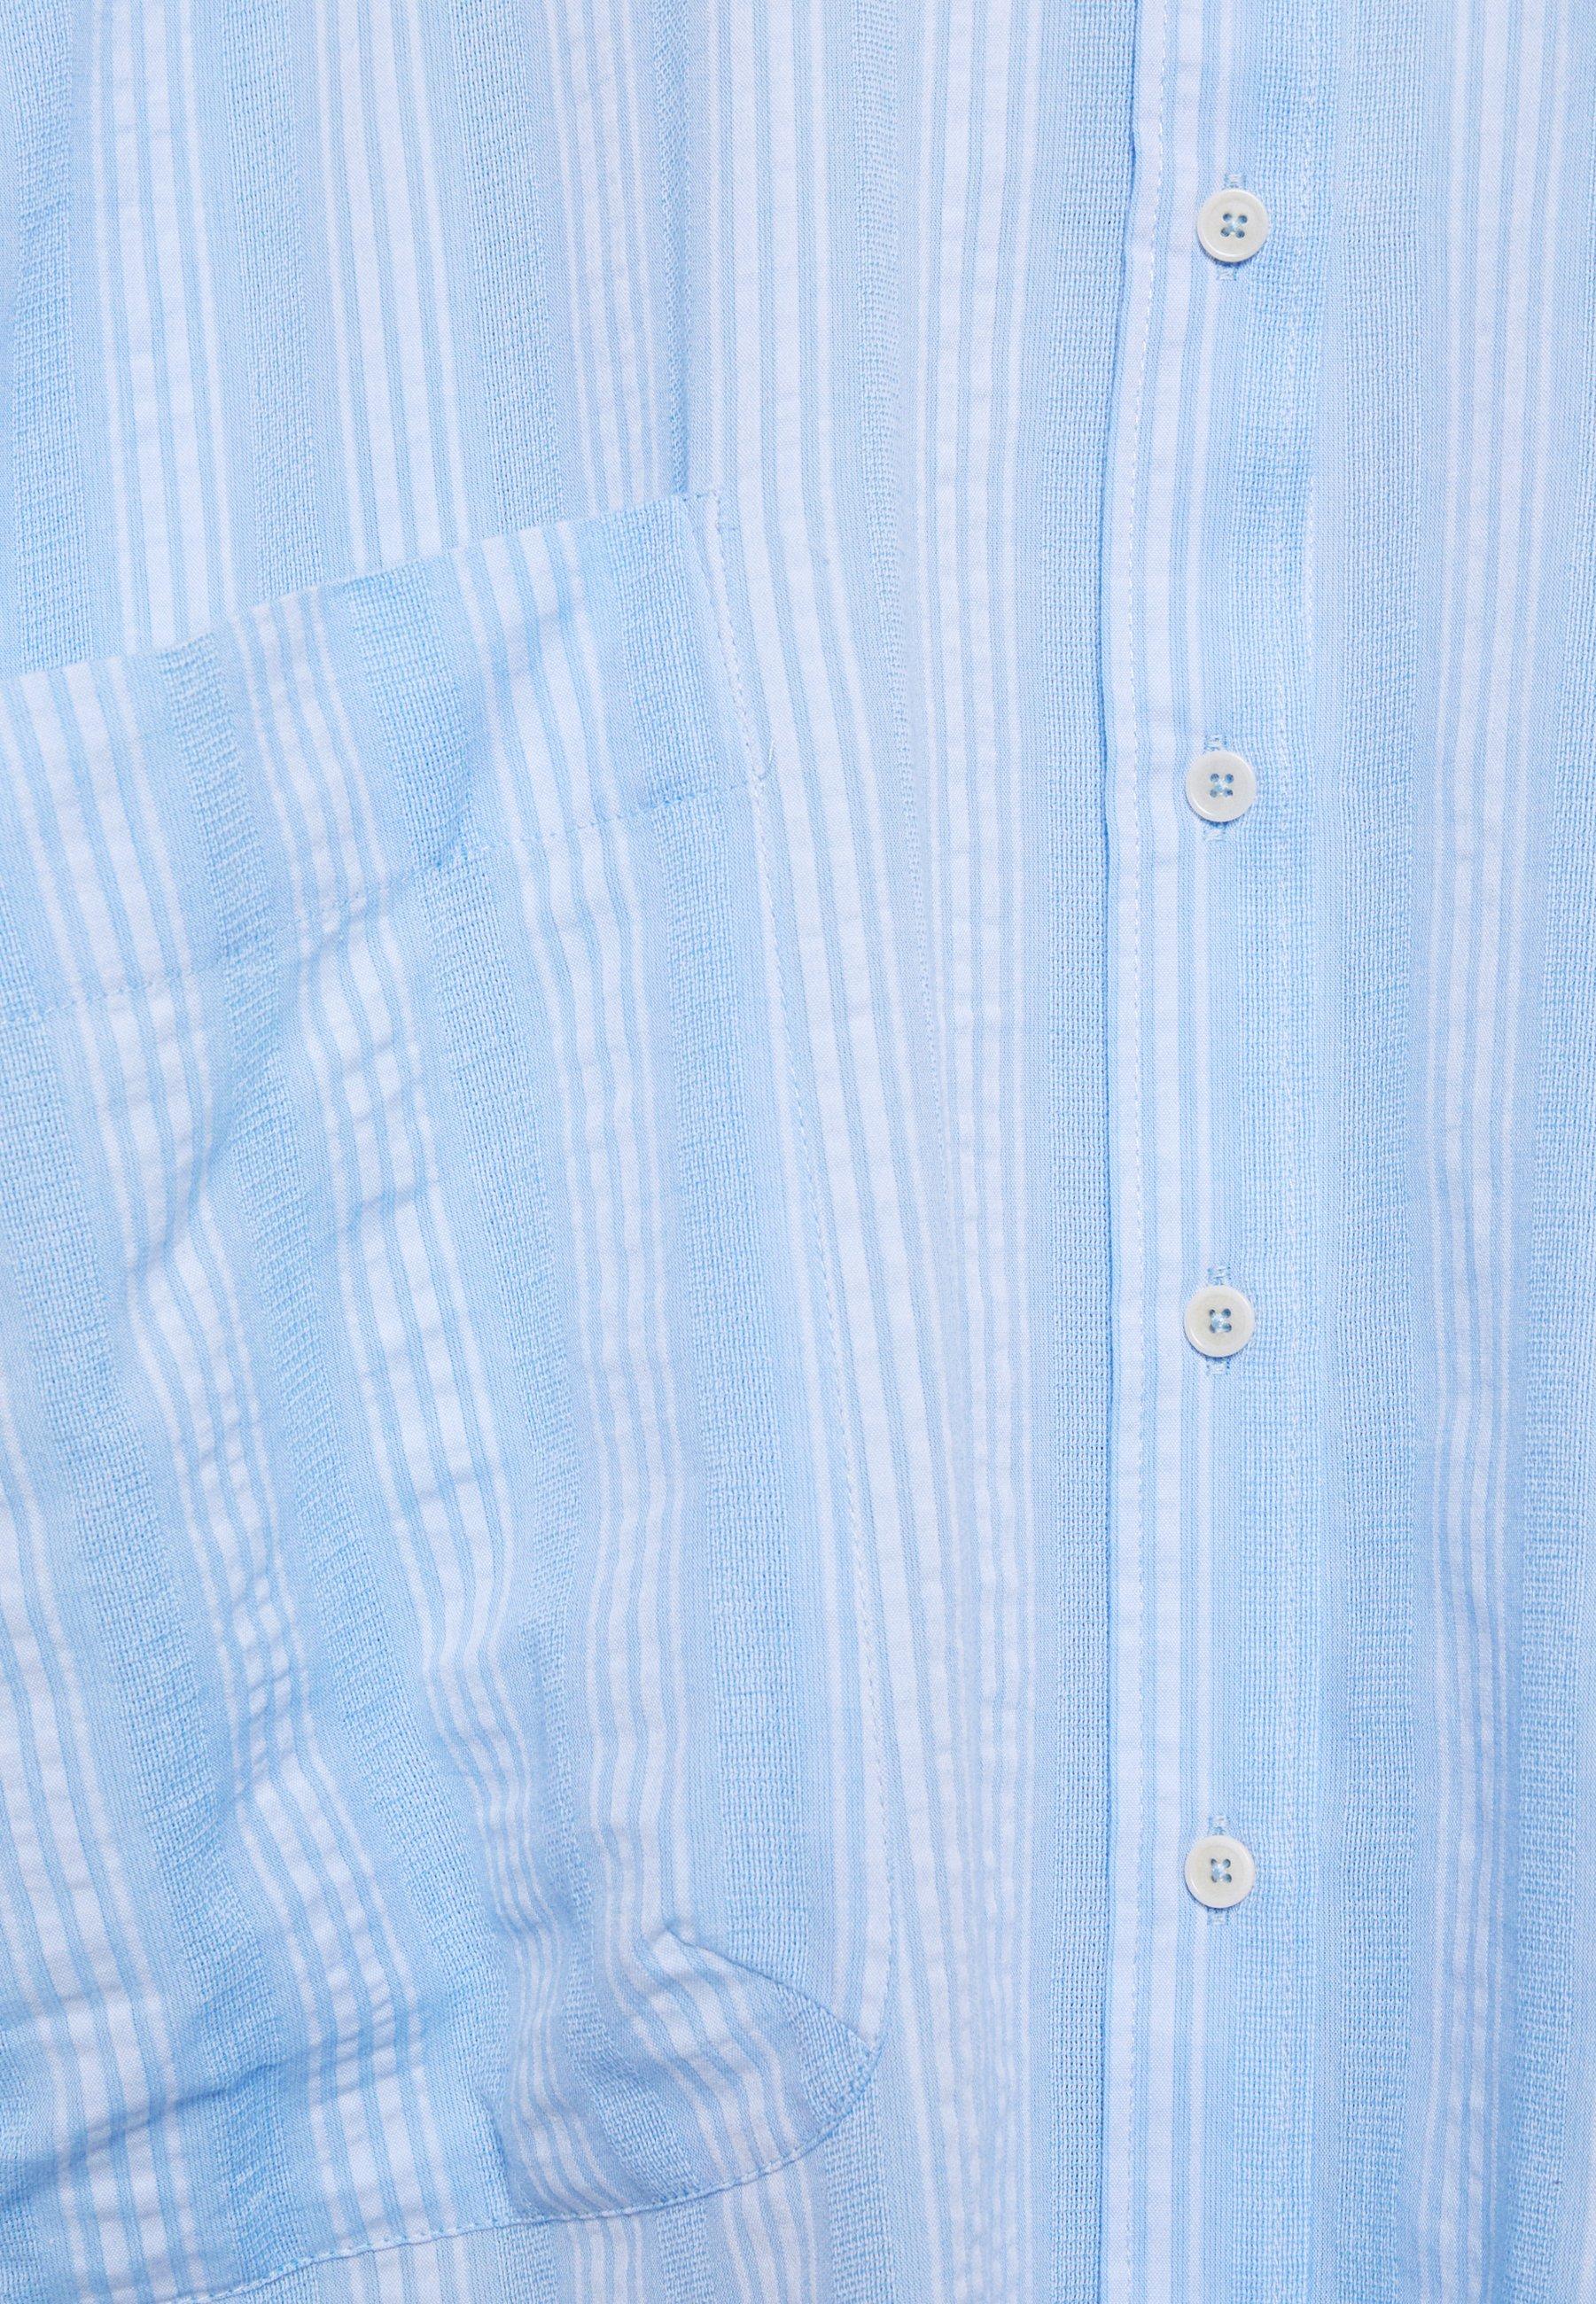 Very Cheap Women's Clothing Henrik Vibskov FRIENDSHIP SHIRTDRESS Shirt dress light blue M8XVvqRDb